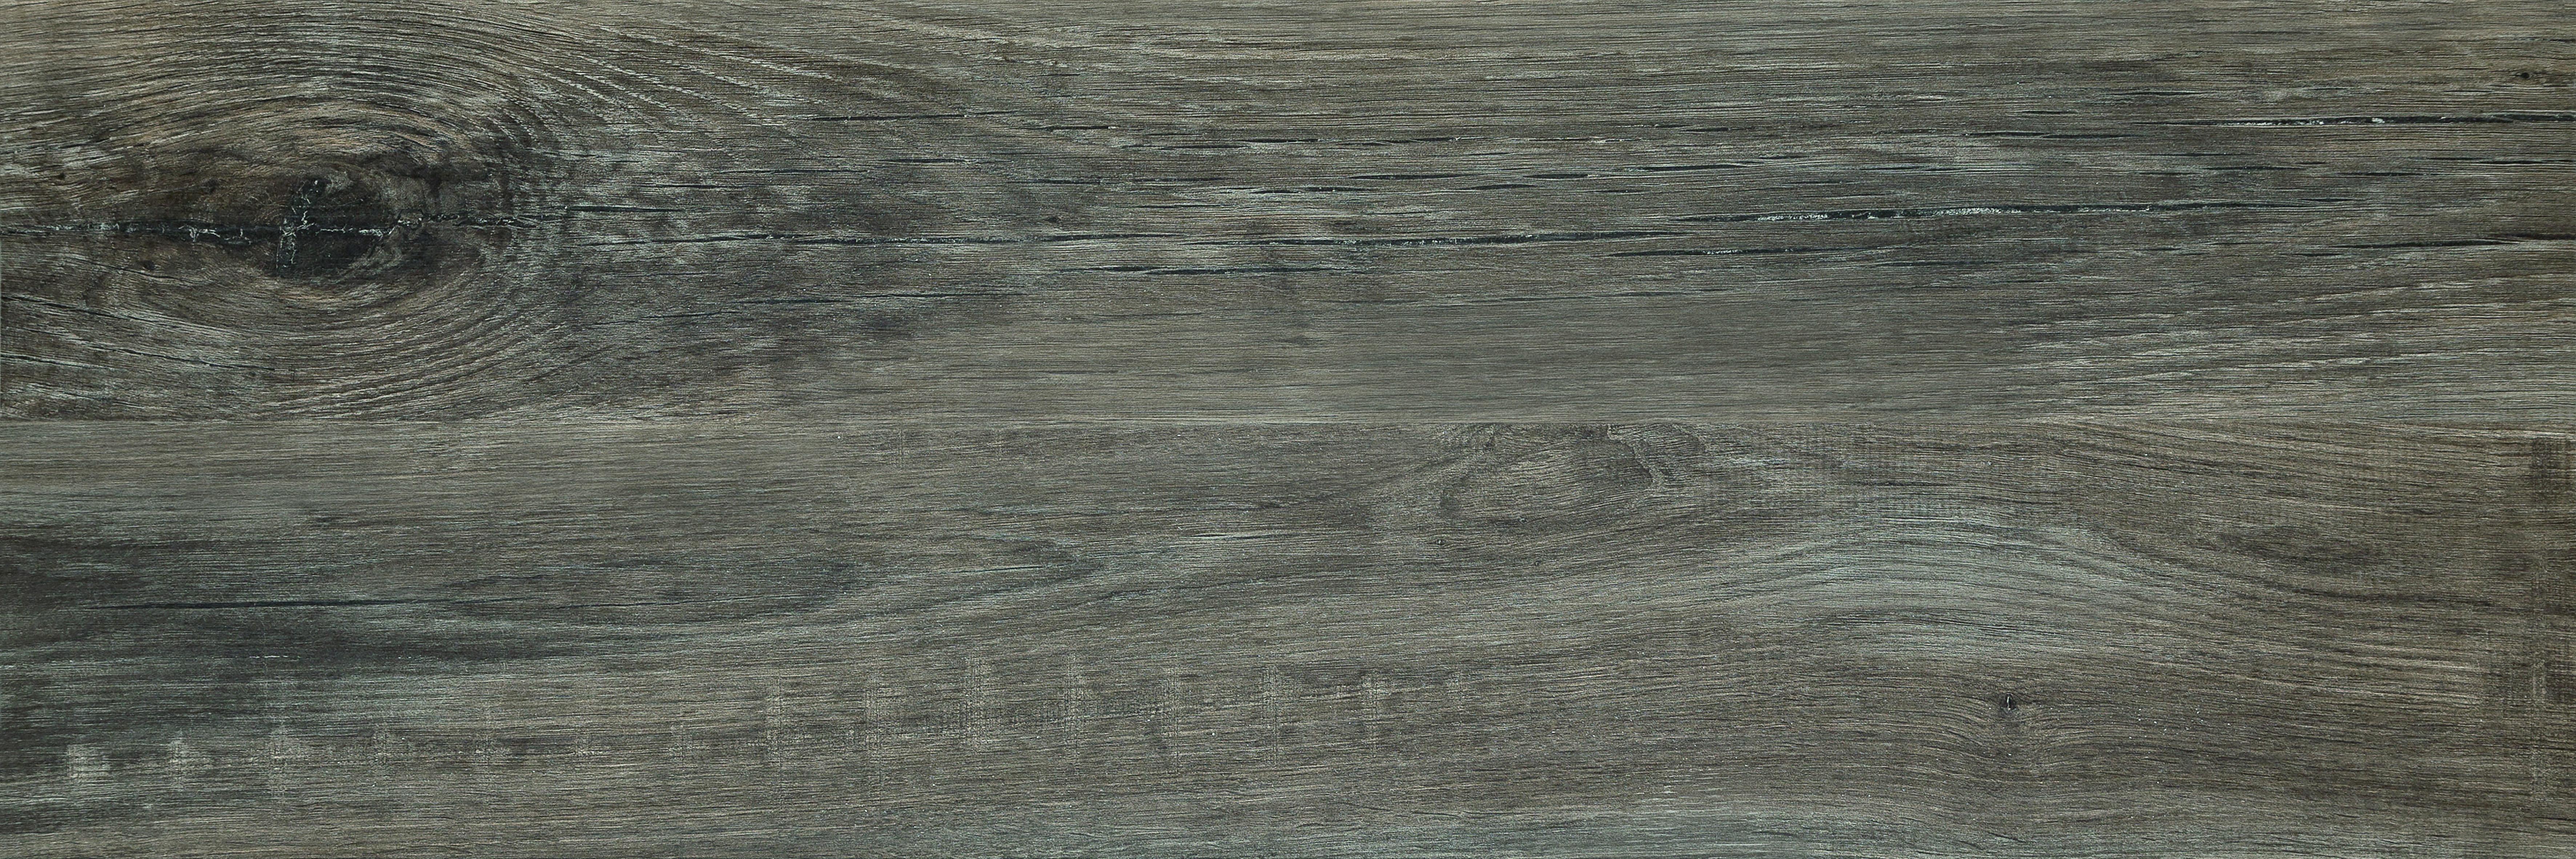 Fliesen Kemmler Bodenfliese Travesio In Der Farbe Grau Und Im - Gewicht fliesen feinsteinzeug